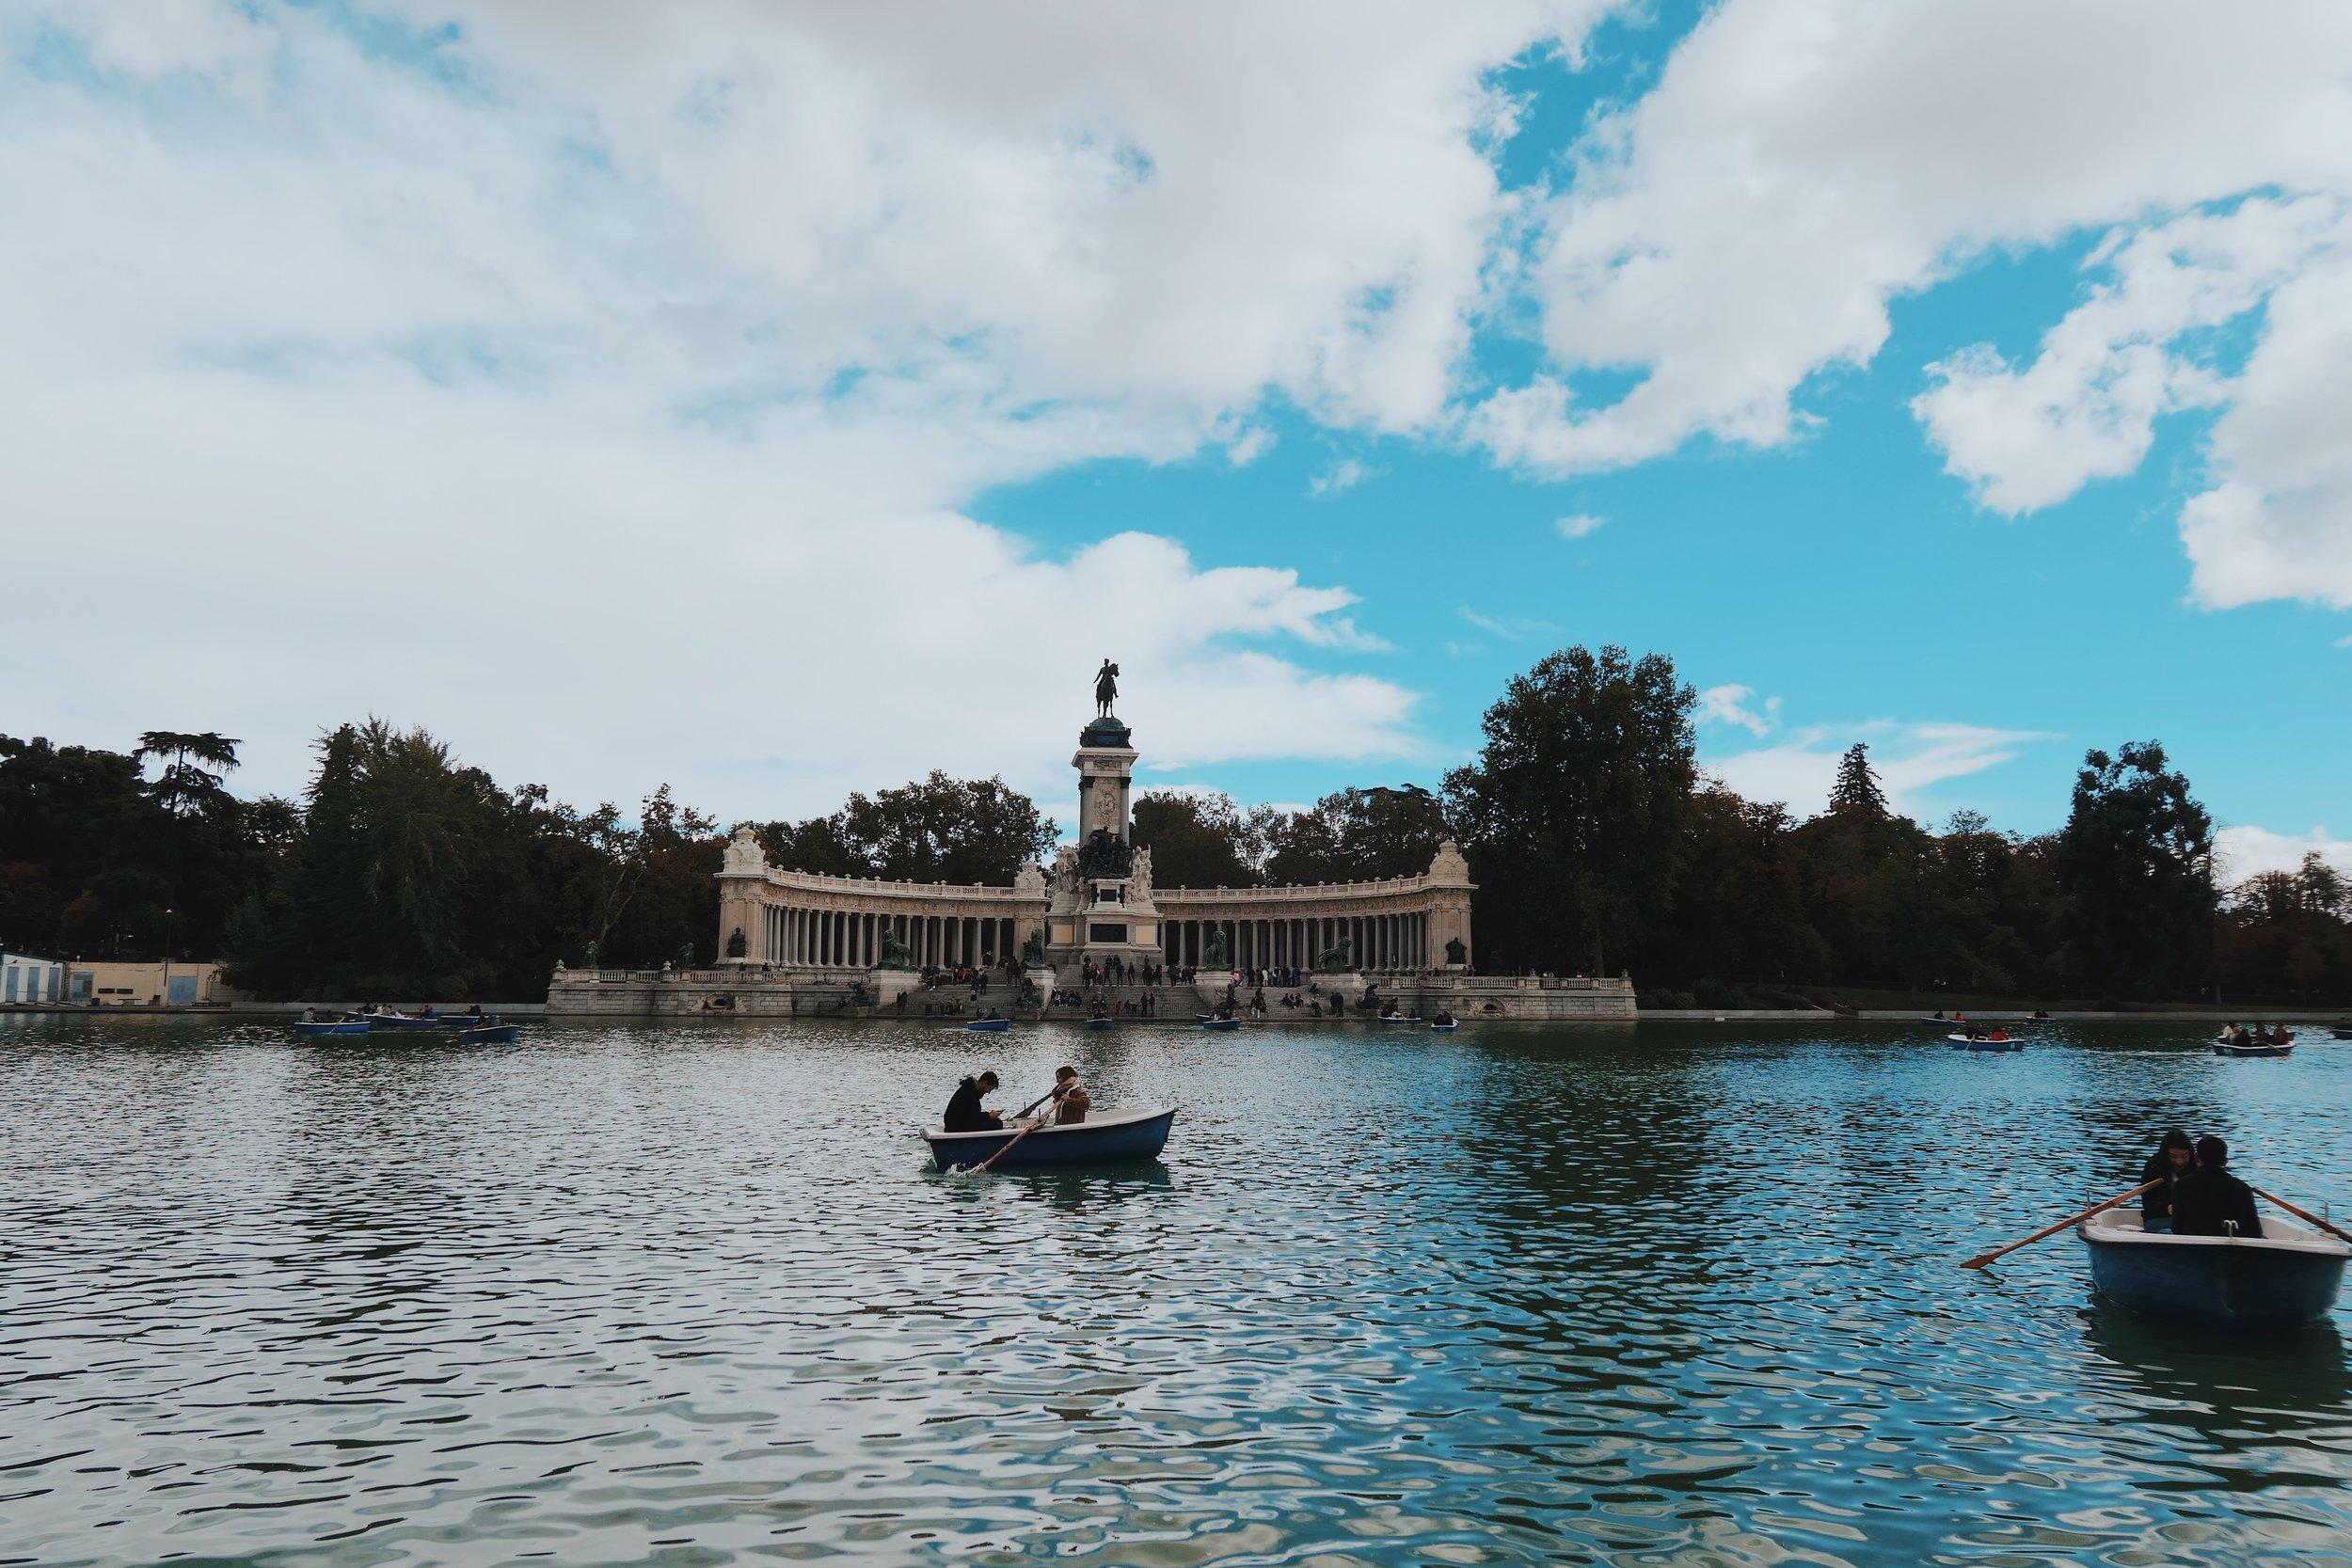 езерото с лодките на Parque del Buen Retiro, което в превод означава Паркът на/за добрата почивка и наистина е такъв